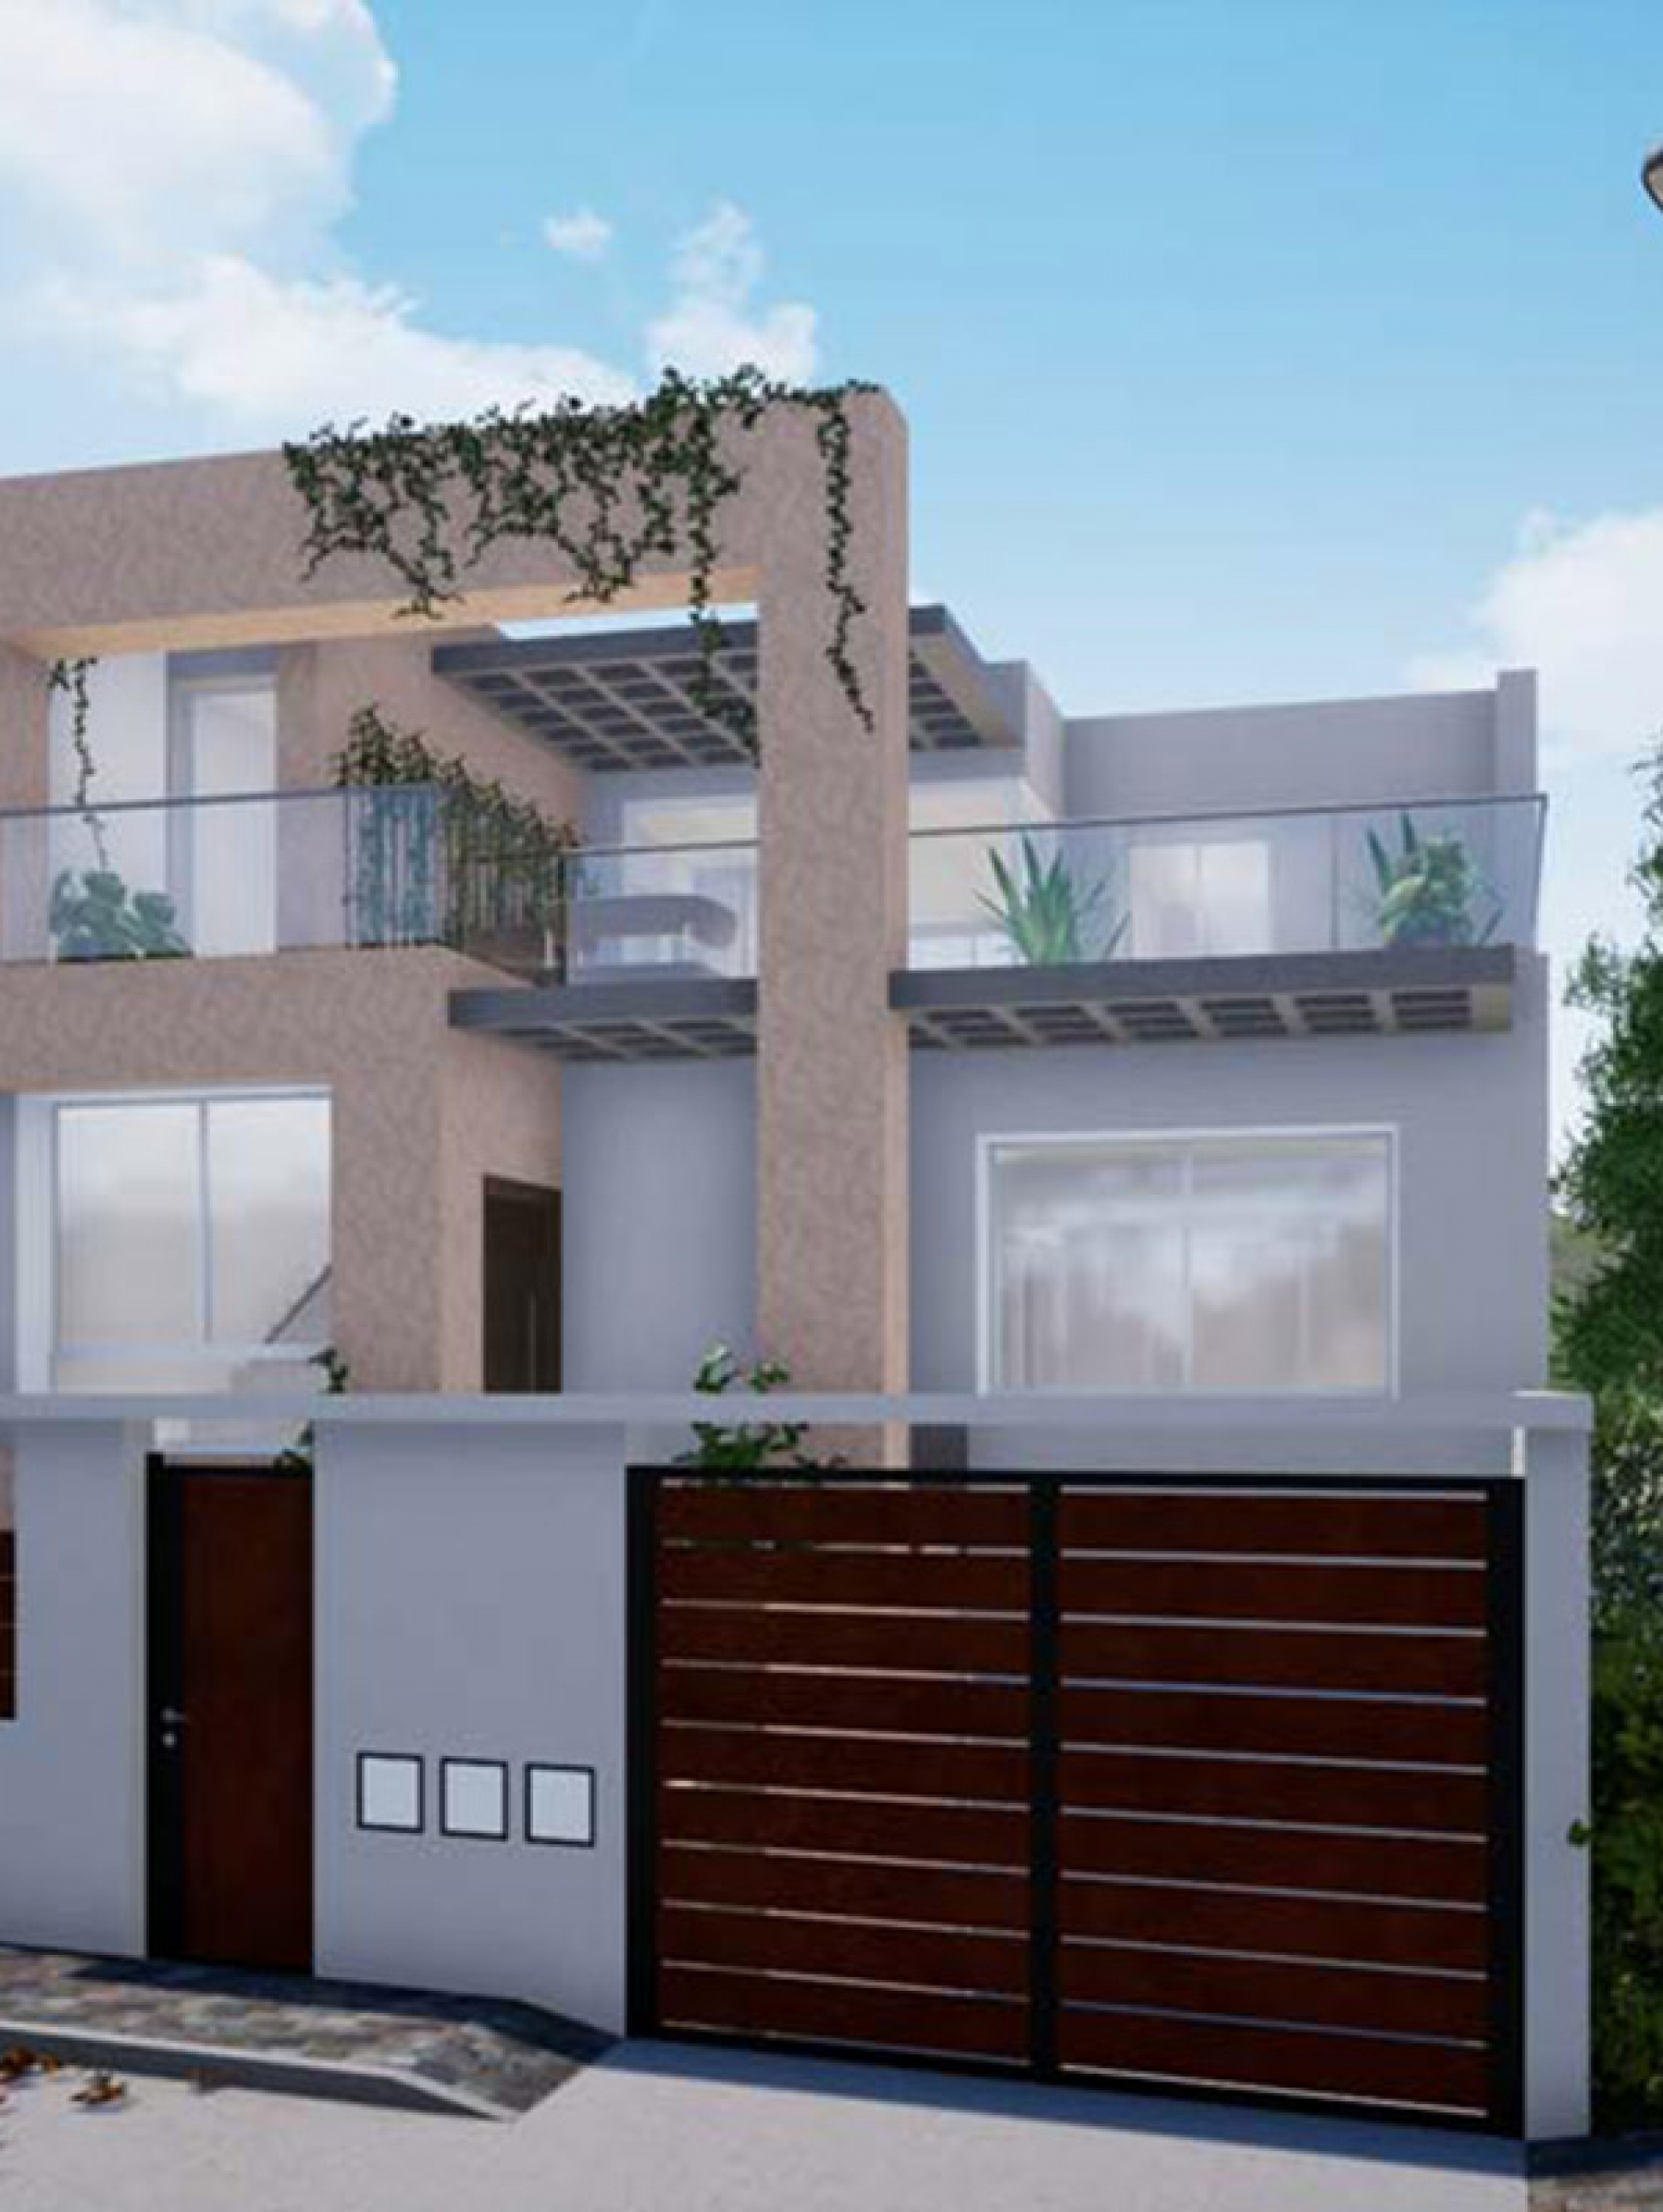 blog1-pepe-munoz-arquitecto-fuengirola